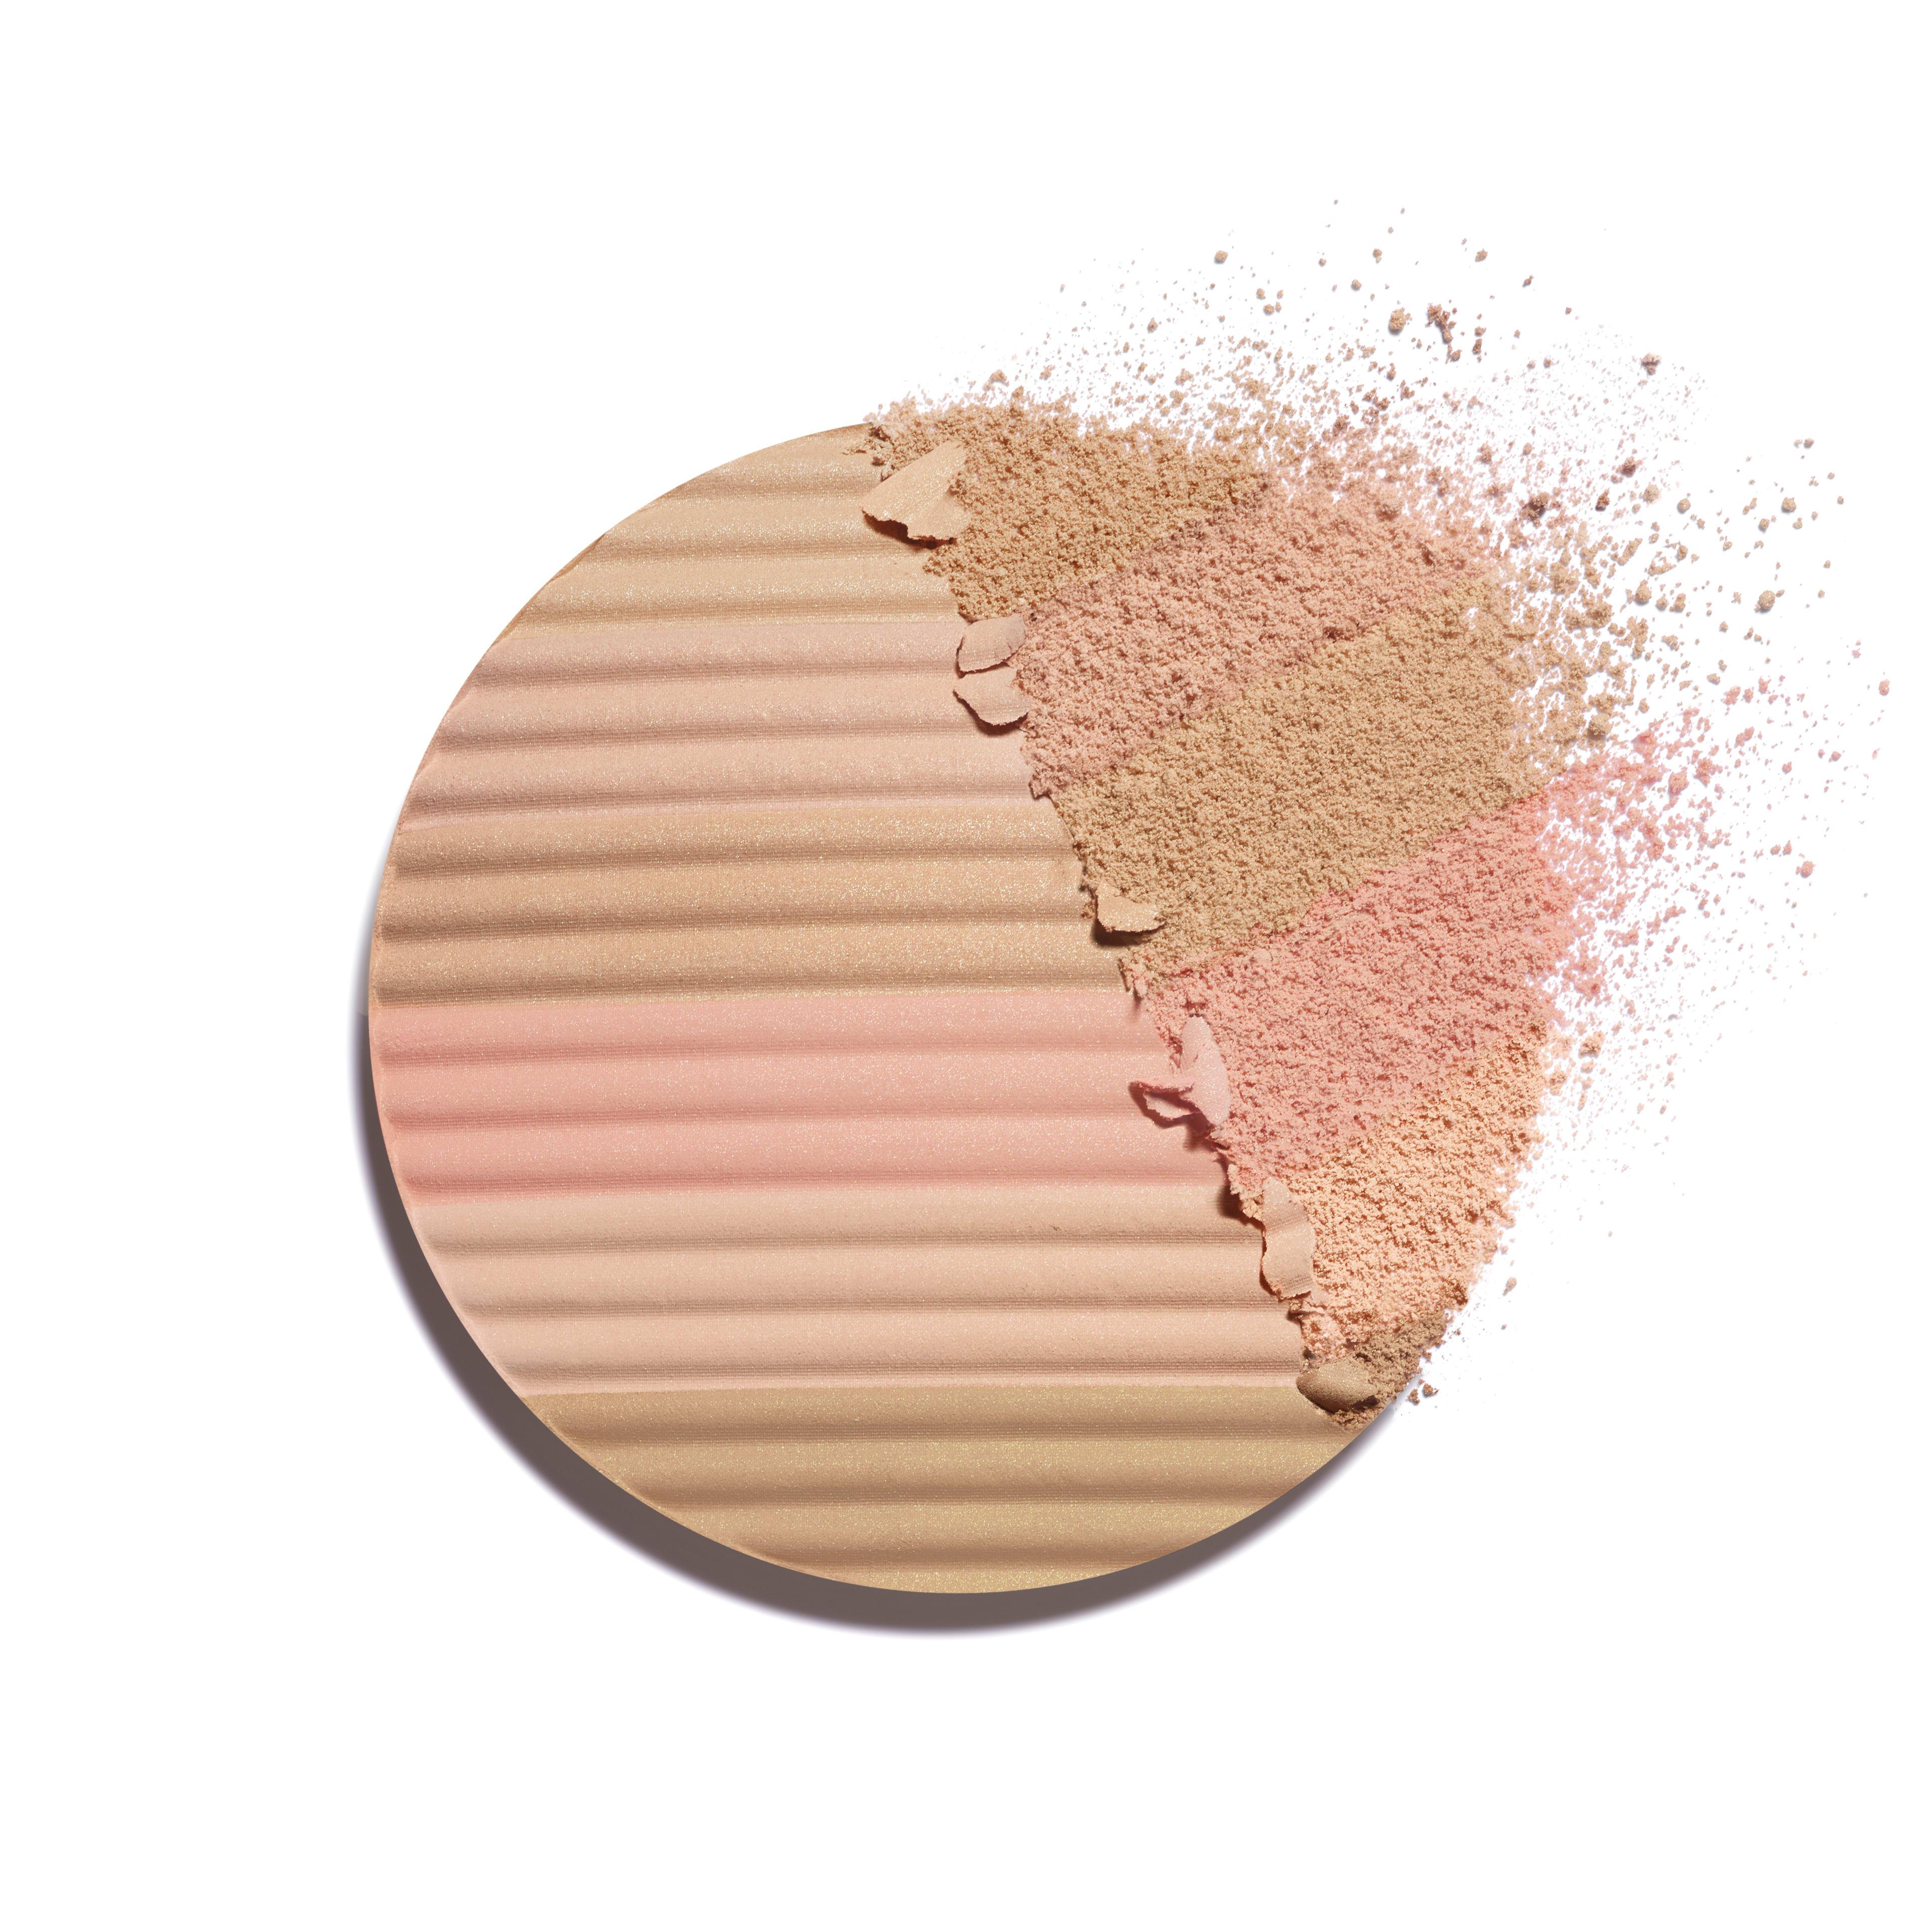 Les Beiges - makeup - 0.38OZ. - Basic texture view